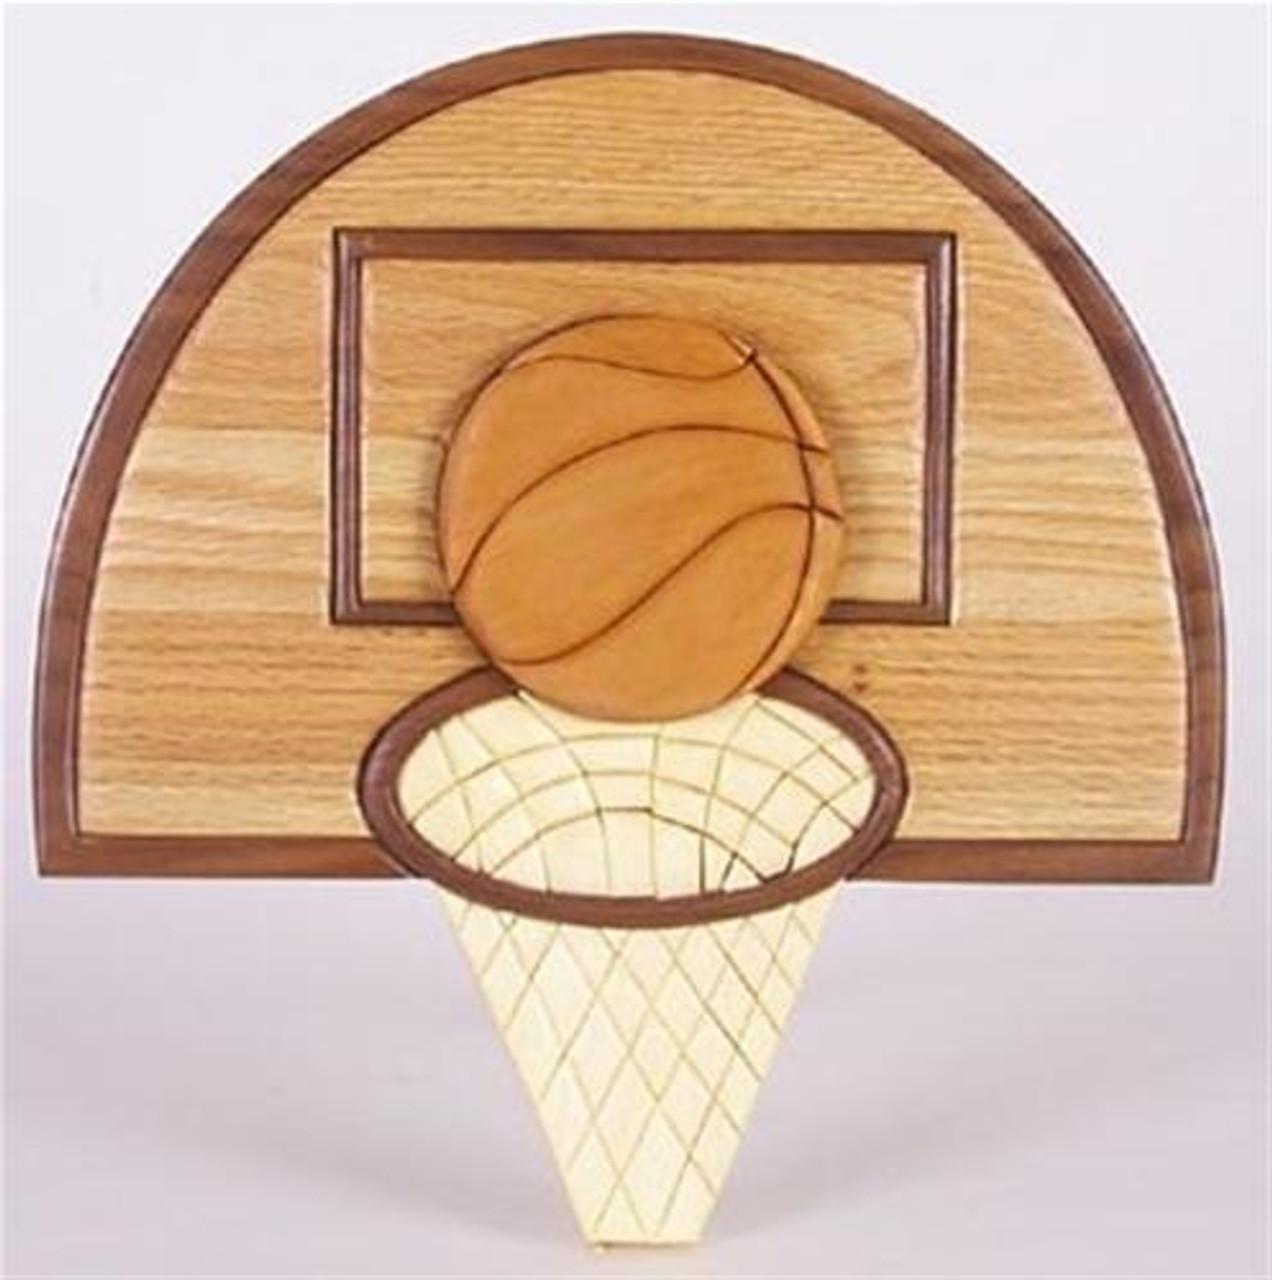 Cherry Tree Toys Basketball Intarsia Plan